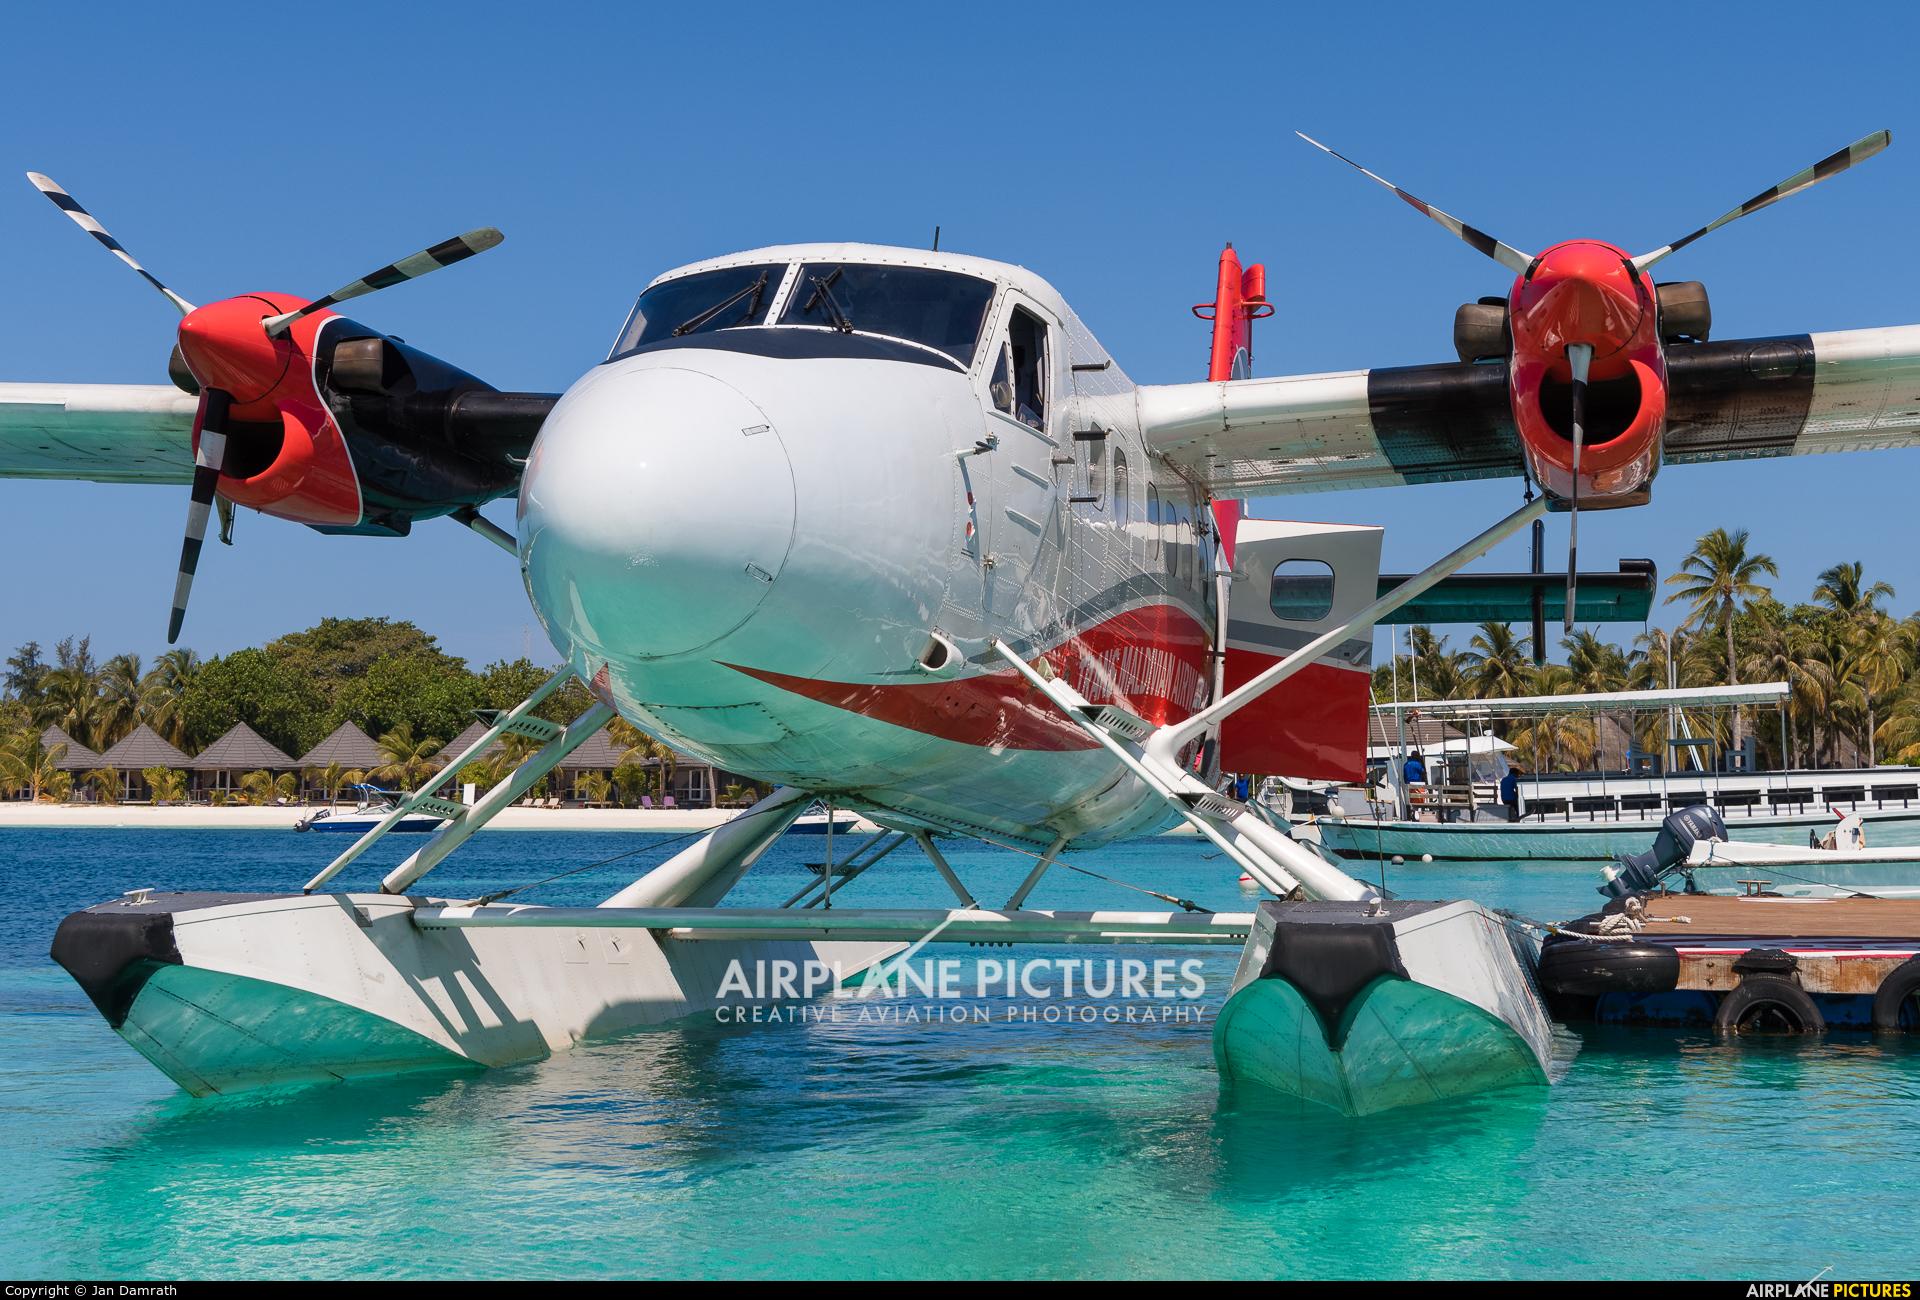 Trans Maldivian Airways - TMA 8Q-MAW aircraft at Off Airport - Maldives